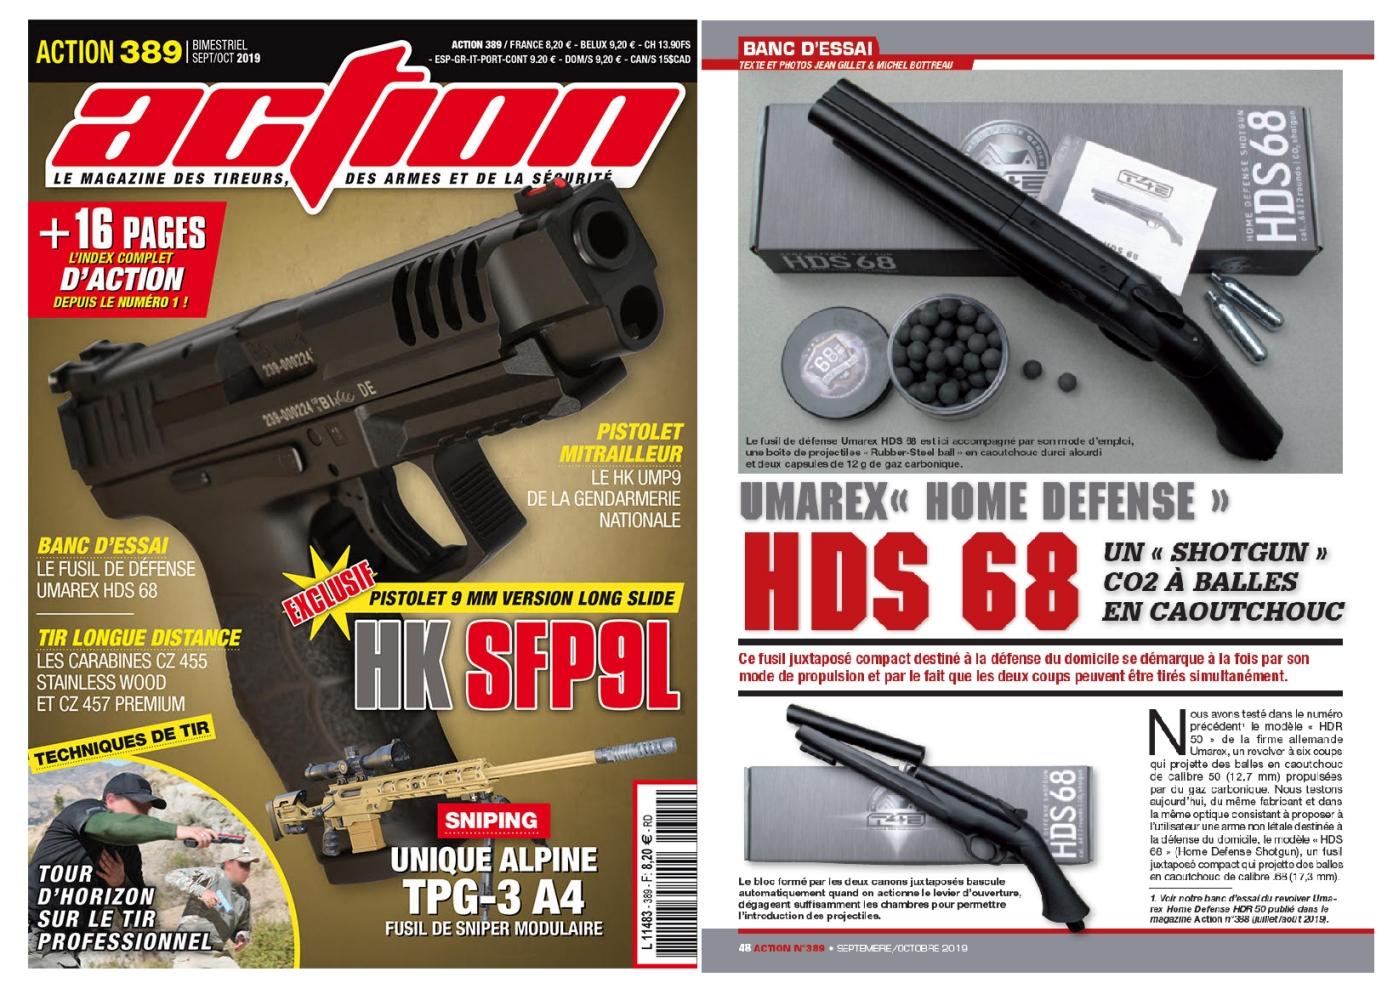 Le banc d'essai du fusil Umarex HDS 68 a été publié sur 5 pages dans le magazine Action n°389 (septembre-octobre 2019).